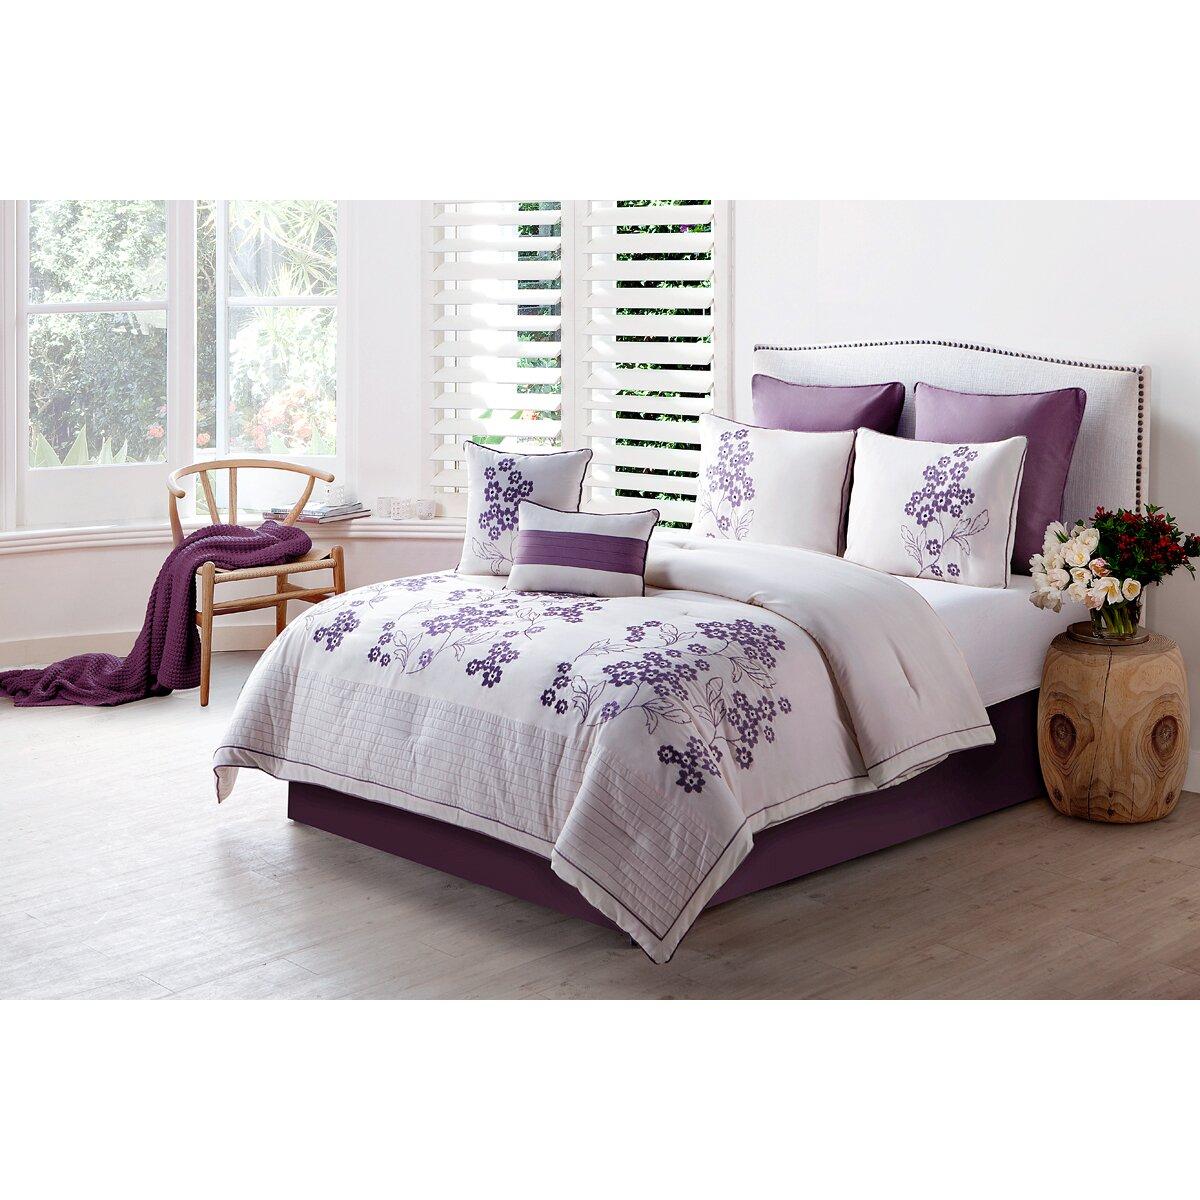 Luxury Home Aurosa 8 Piece forter Set